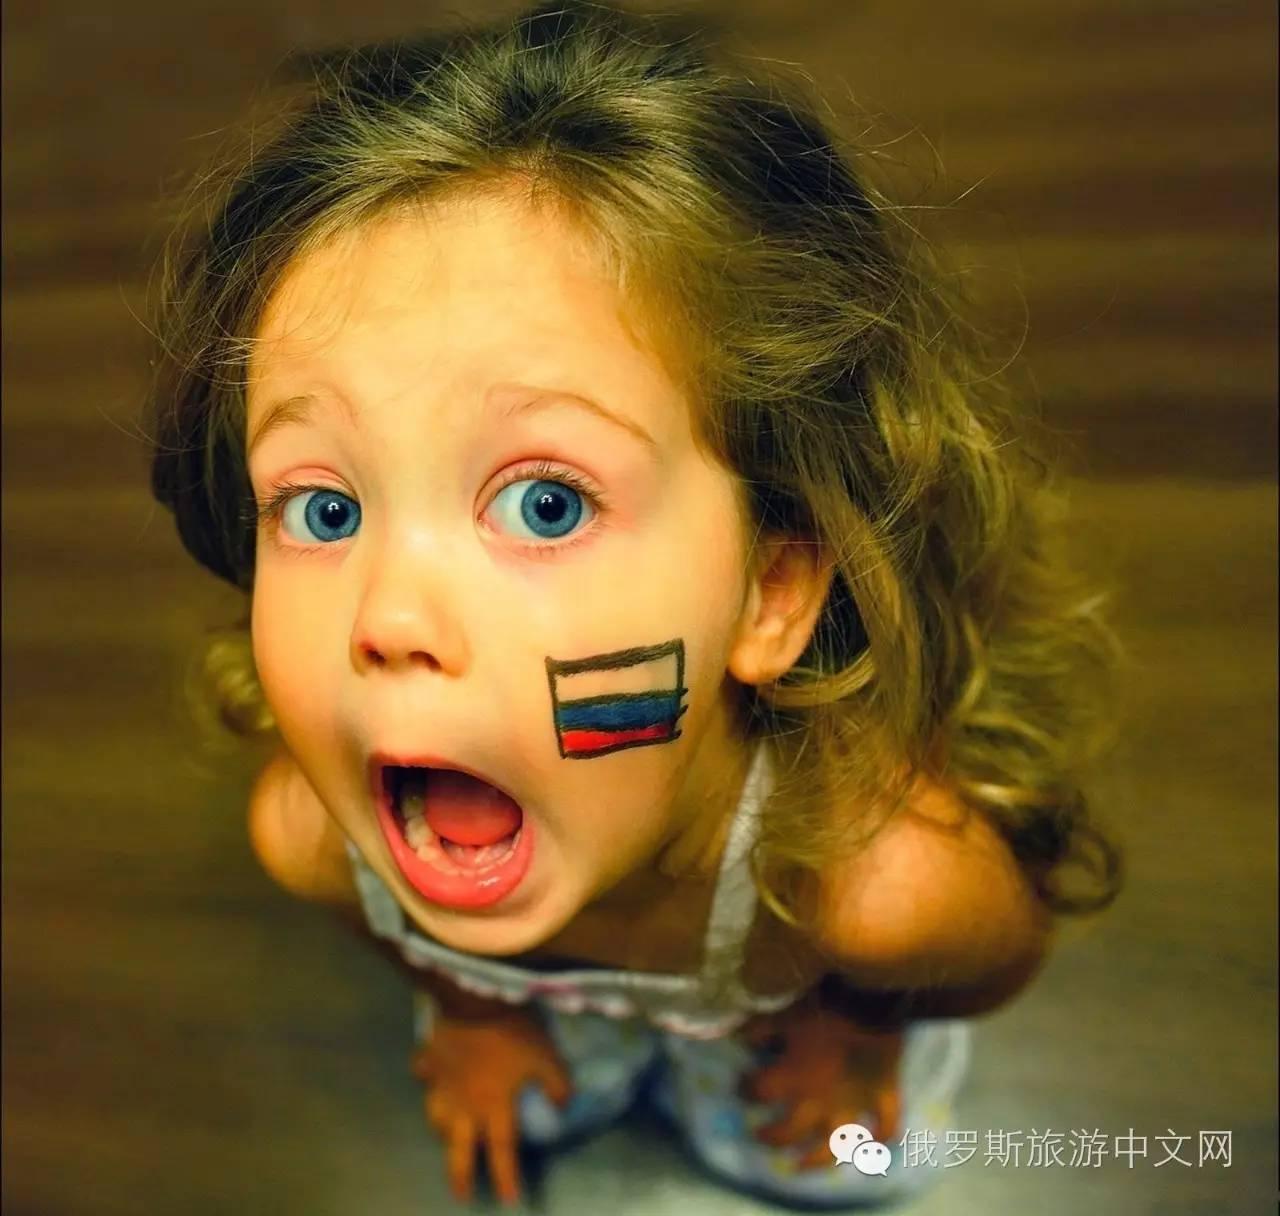 俄罗斯国旗居然还有三胞胎兄弟,你都分的清谁